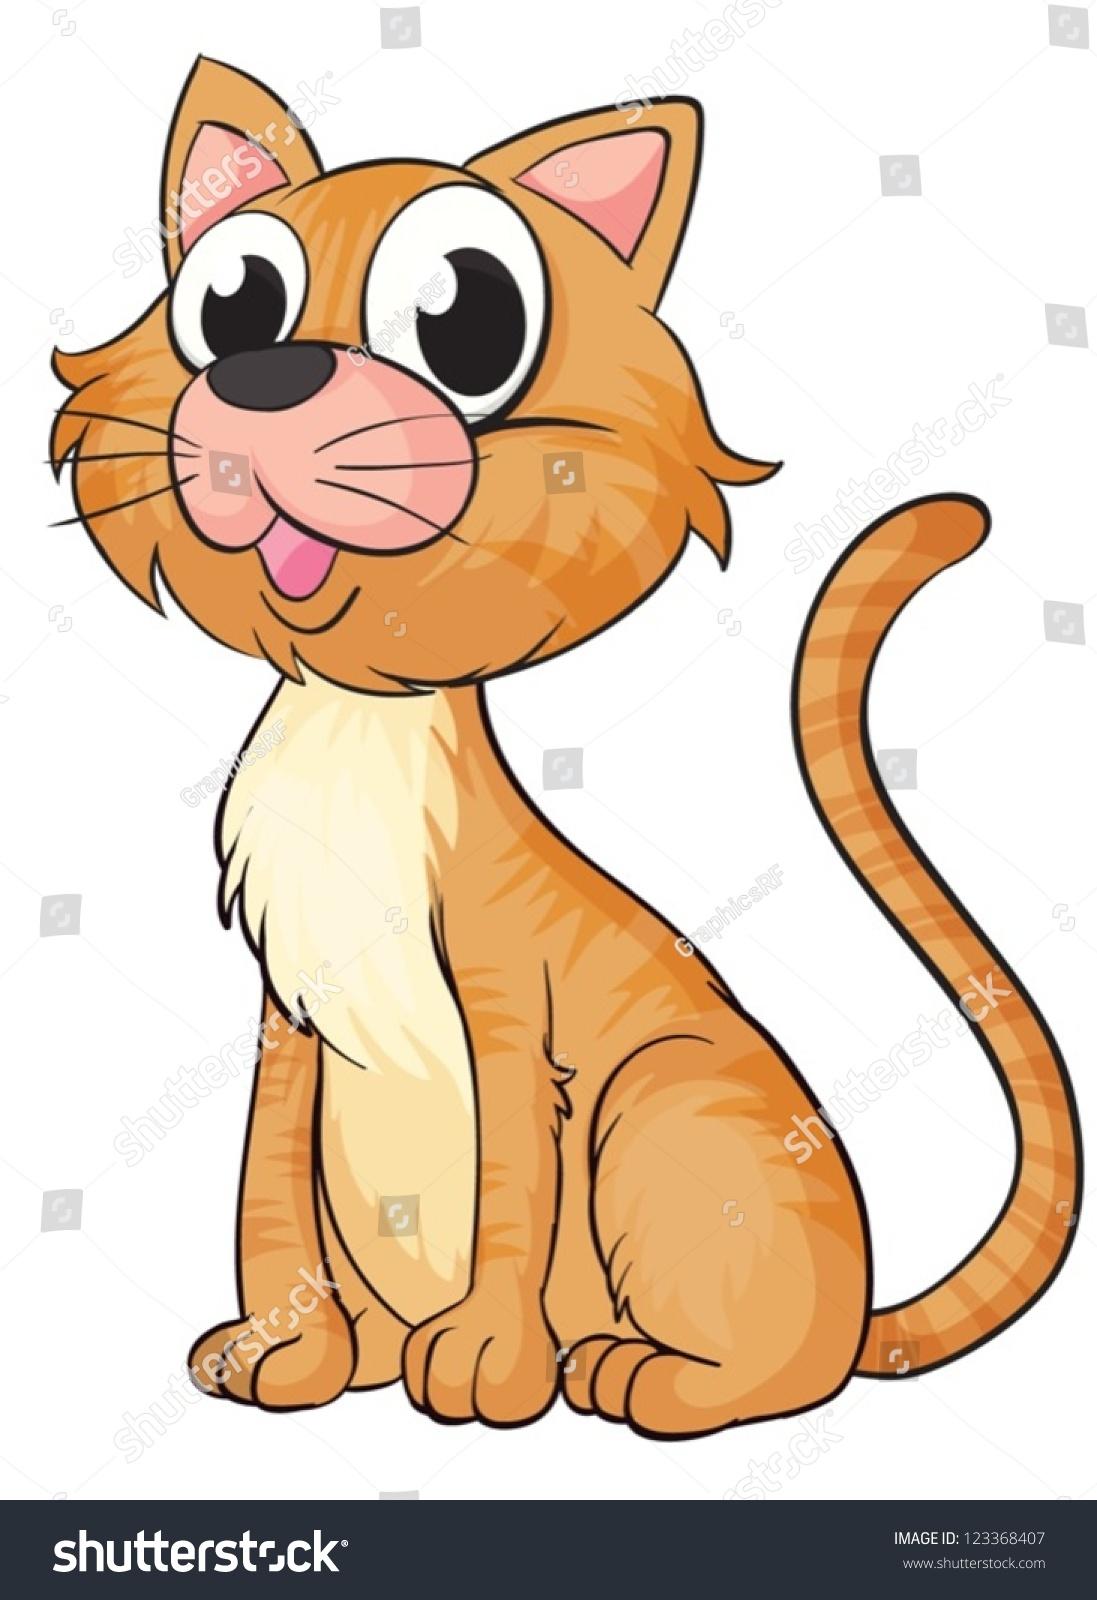 微笑的猫在一个白色背景的插图-动物/野生生物-海洛